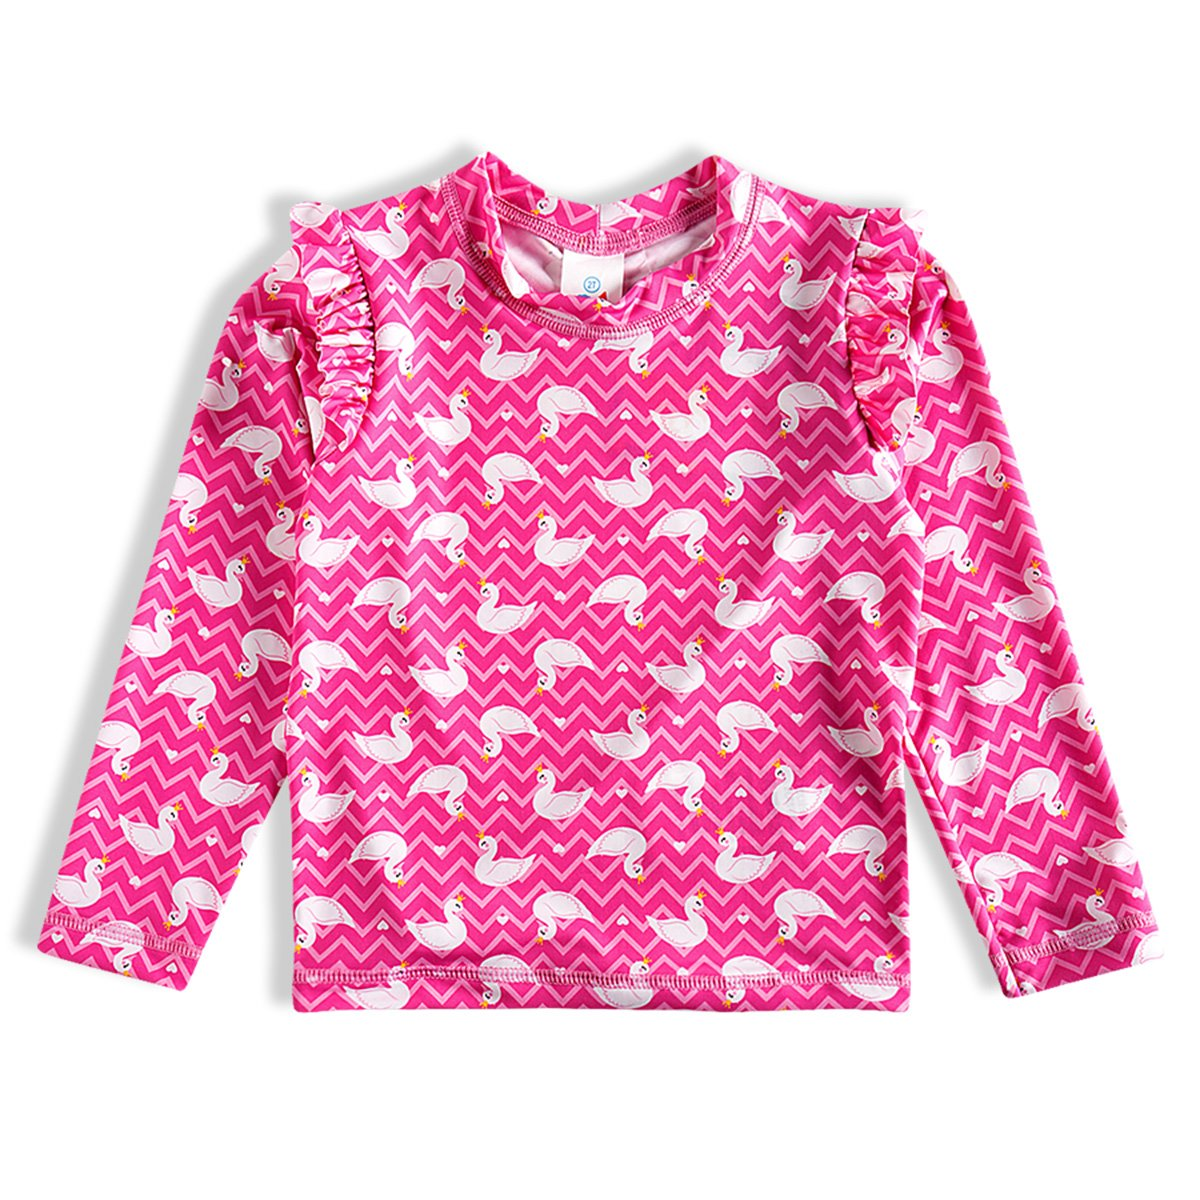 Camiseta Praia Infantil Tip Top Toddler Manga Longa